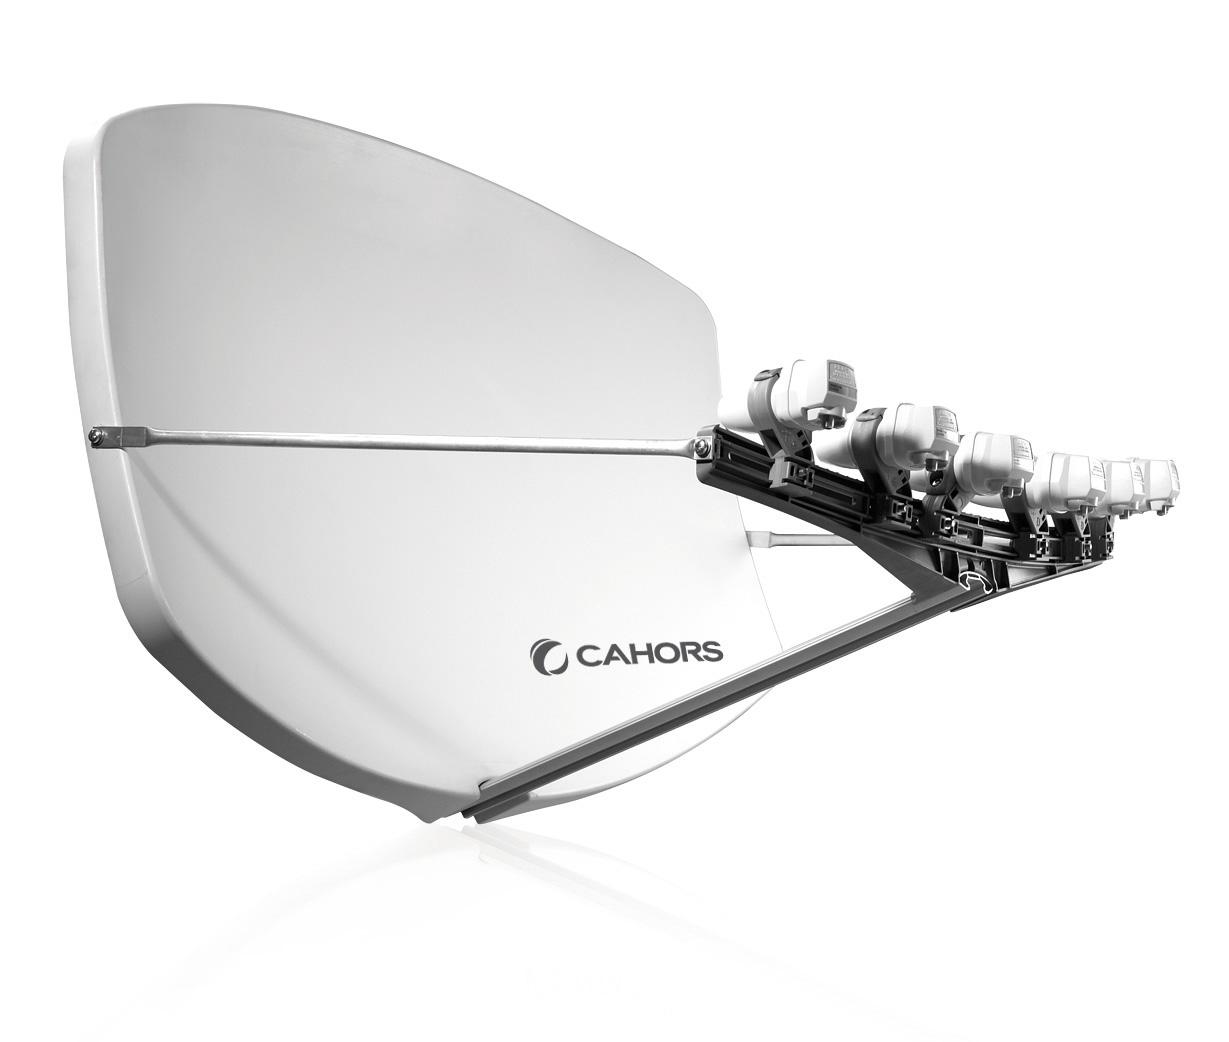 Grand satellite